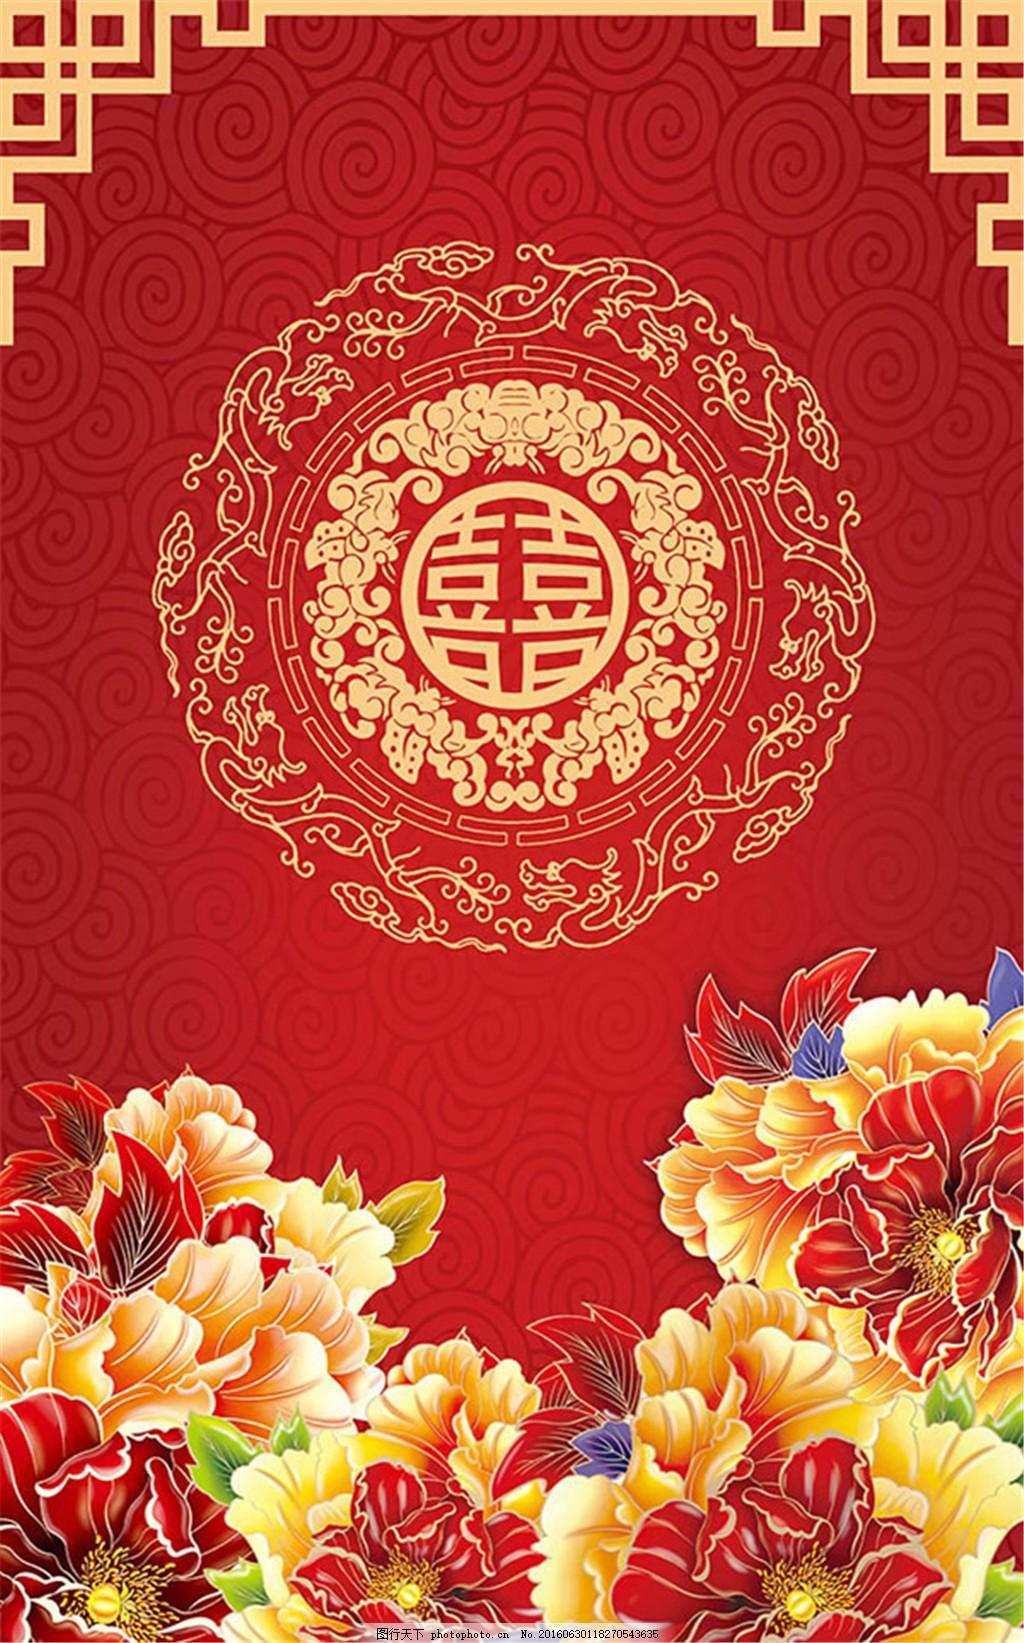 中国风婚庆背景